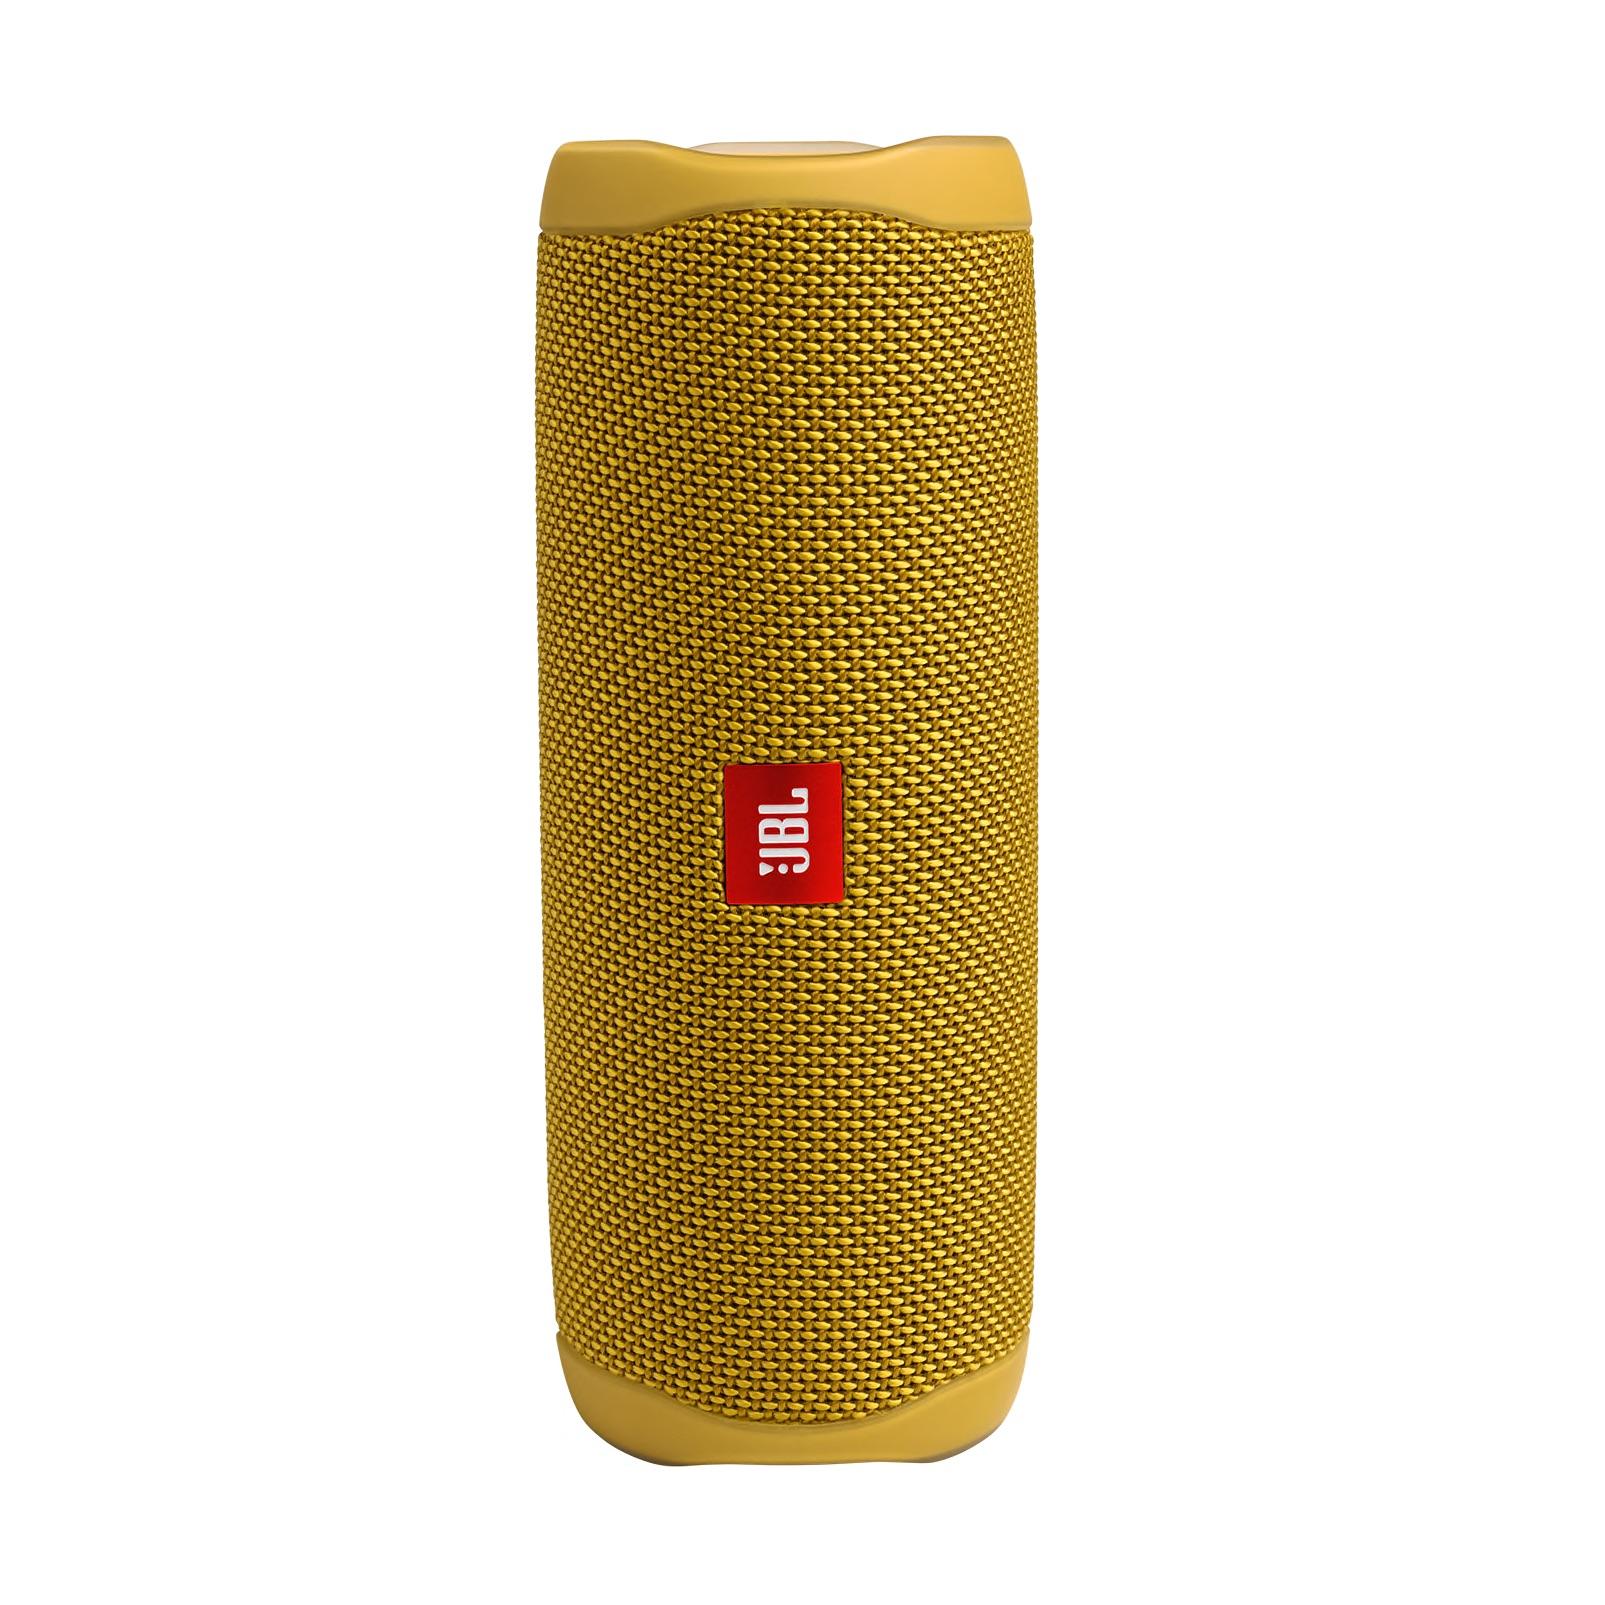 JBL Flip 5 barva: žlutá